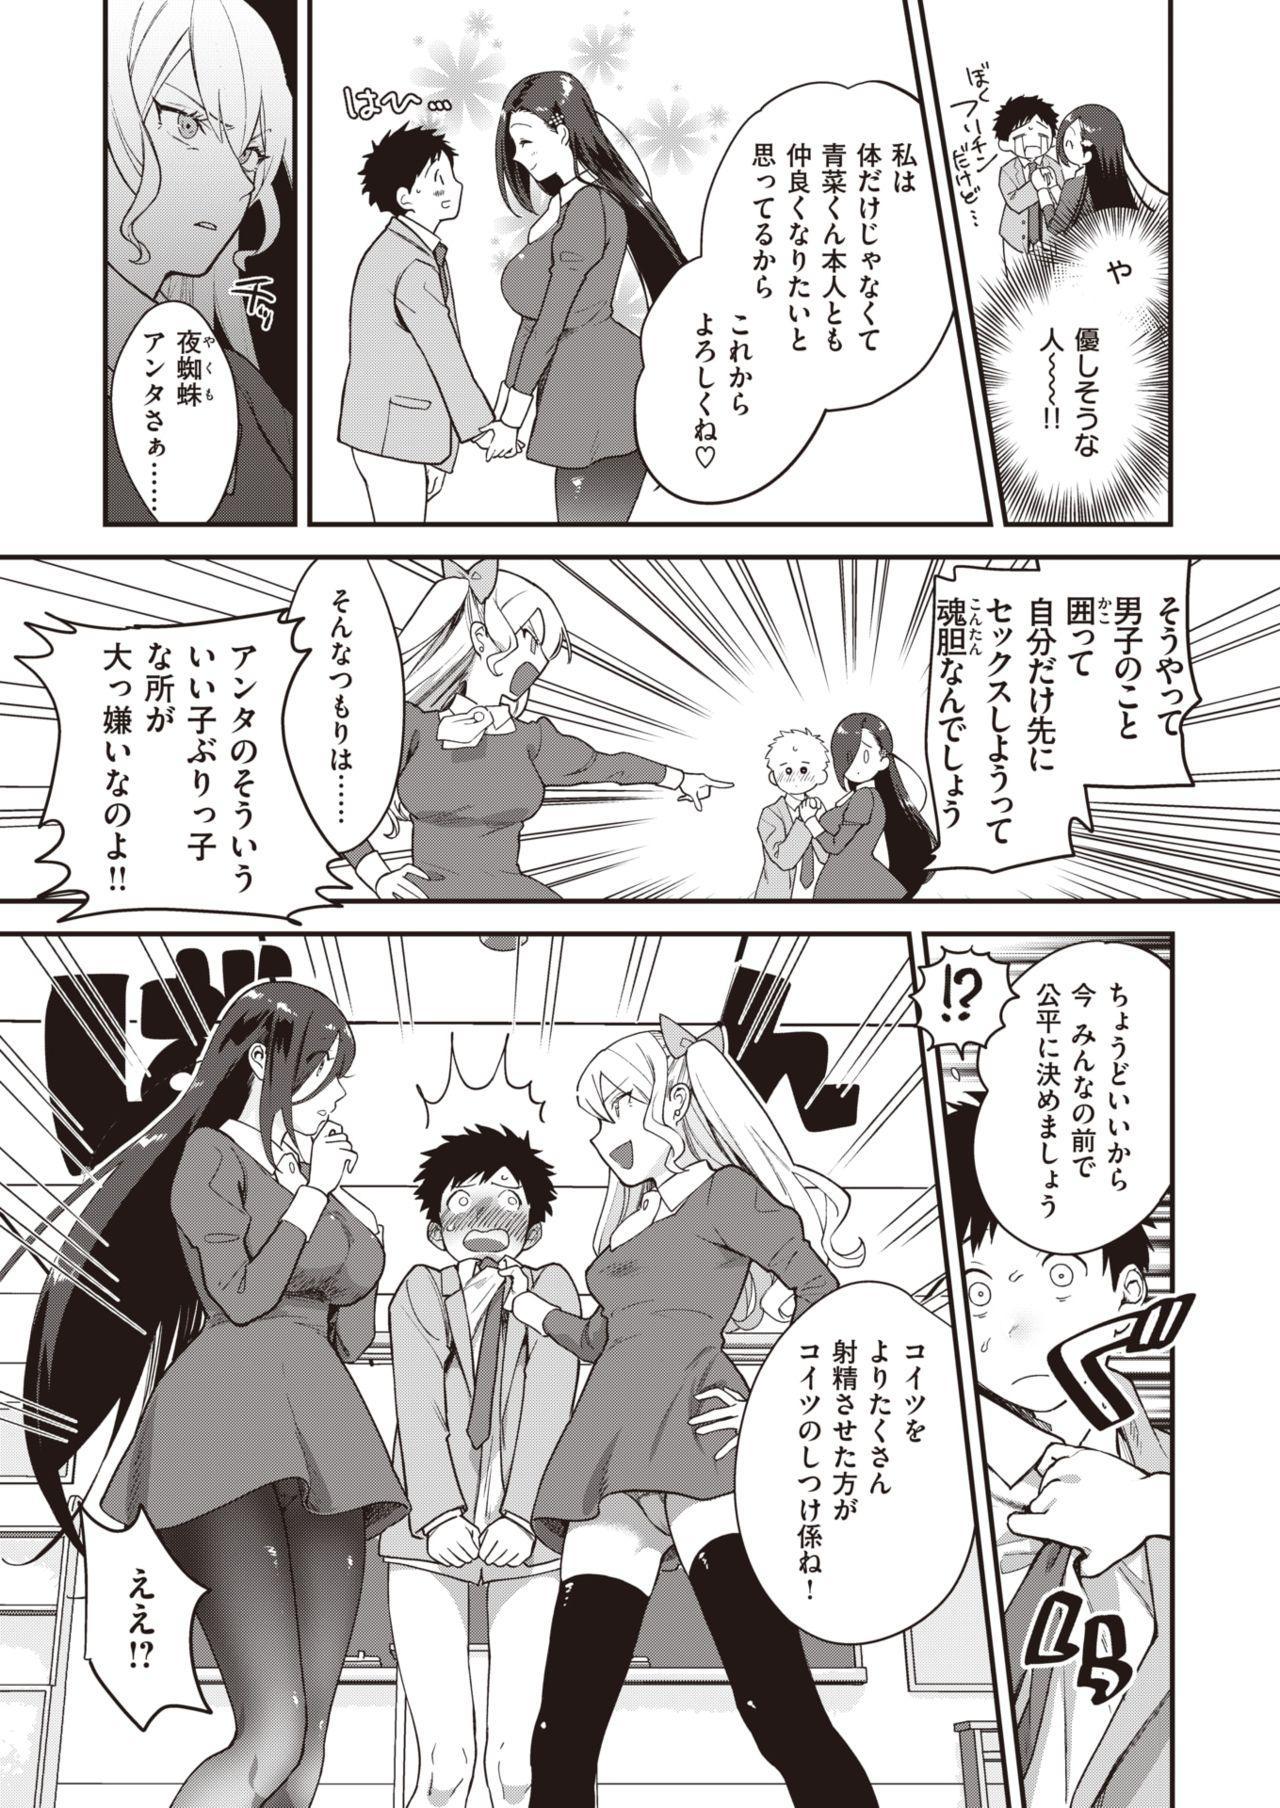 COMIC Kairakuten BEAST 2020-11 7